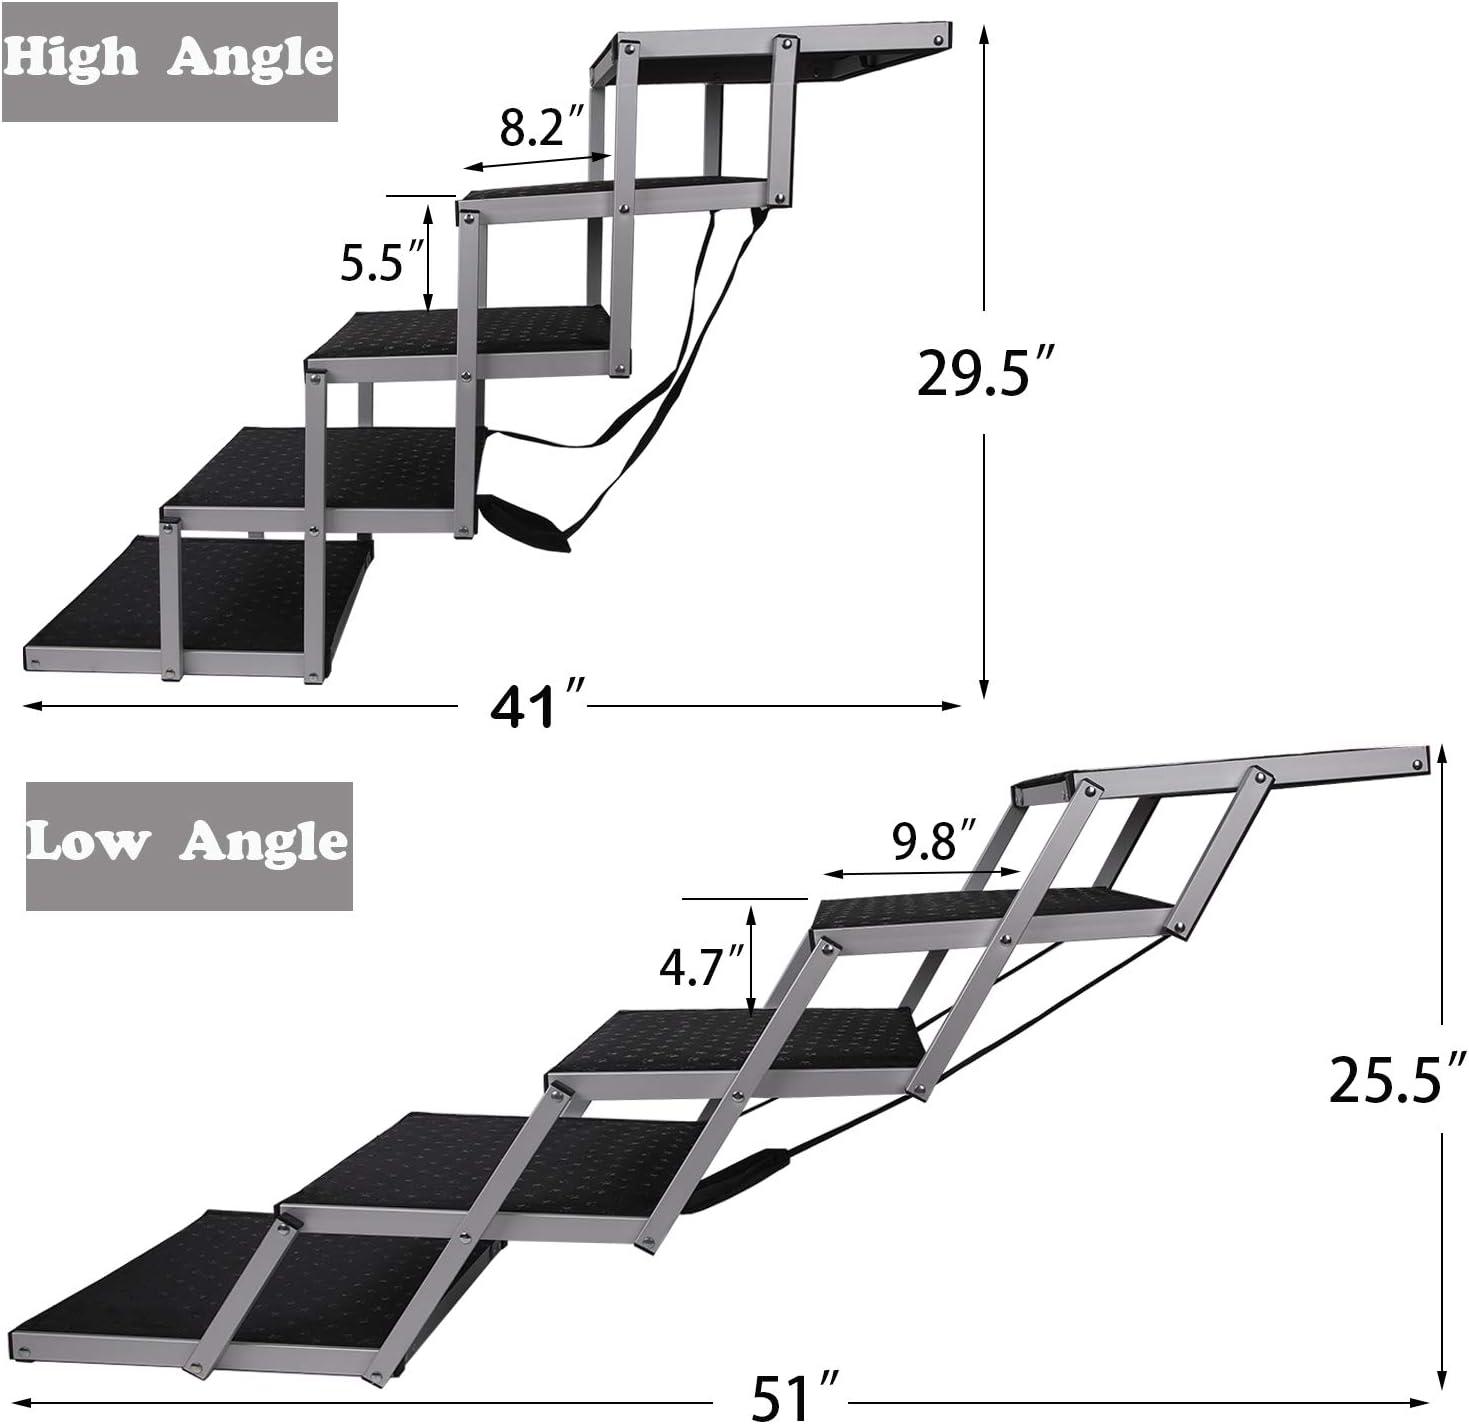 Snagle Paw - Escaleras de coche portátil para perros, con marco de aluminio de acordeón, rampa plegable para mascotas para uso en interiores y exteriores, ligera escalera grande para coches, camiones, SUVs